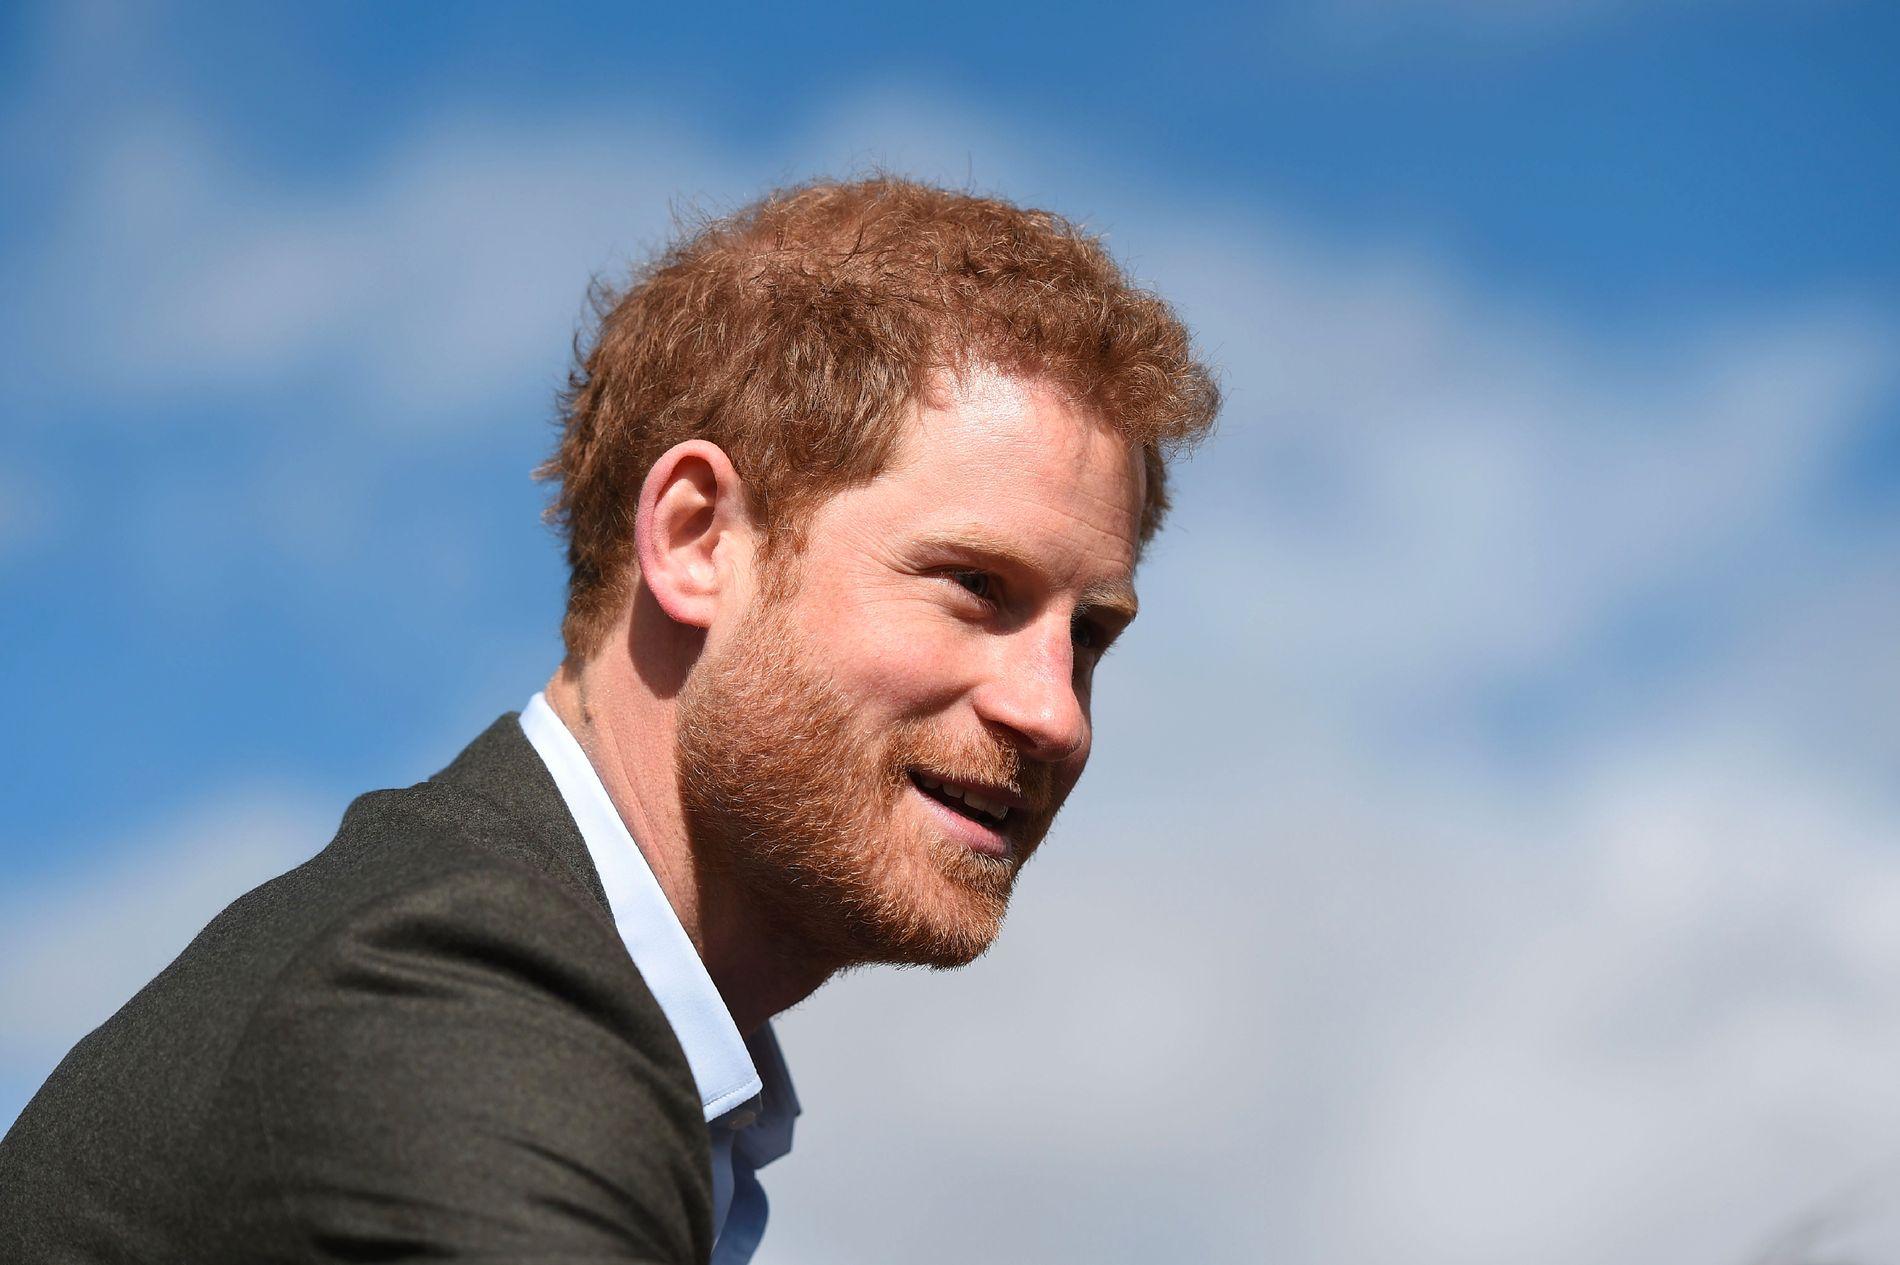 ÅPNER OPP: Prins Harry forteller at han unngikk å kjenne på sorgen etter tapet av sin mor, prinsesse Diana. Det tok ham mange år å innse at han trengte profesjonell hjelp.